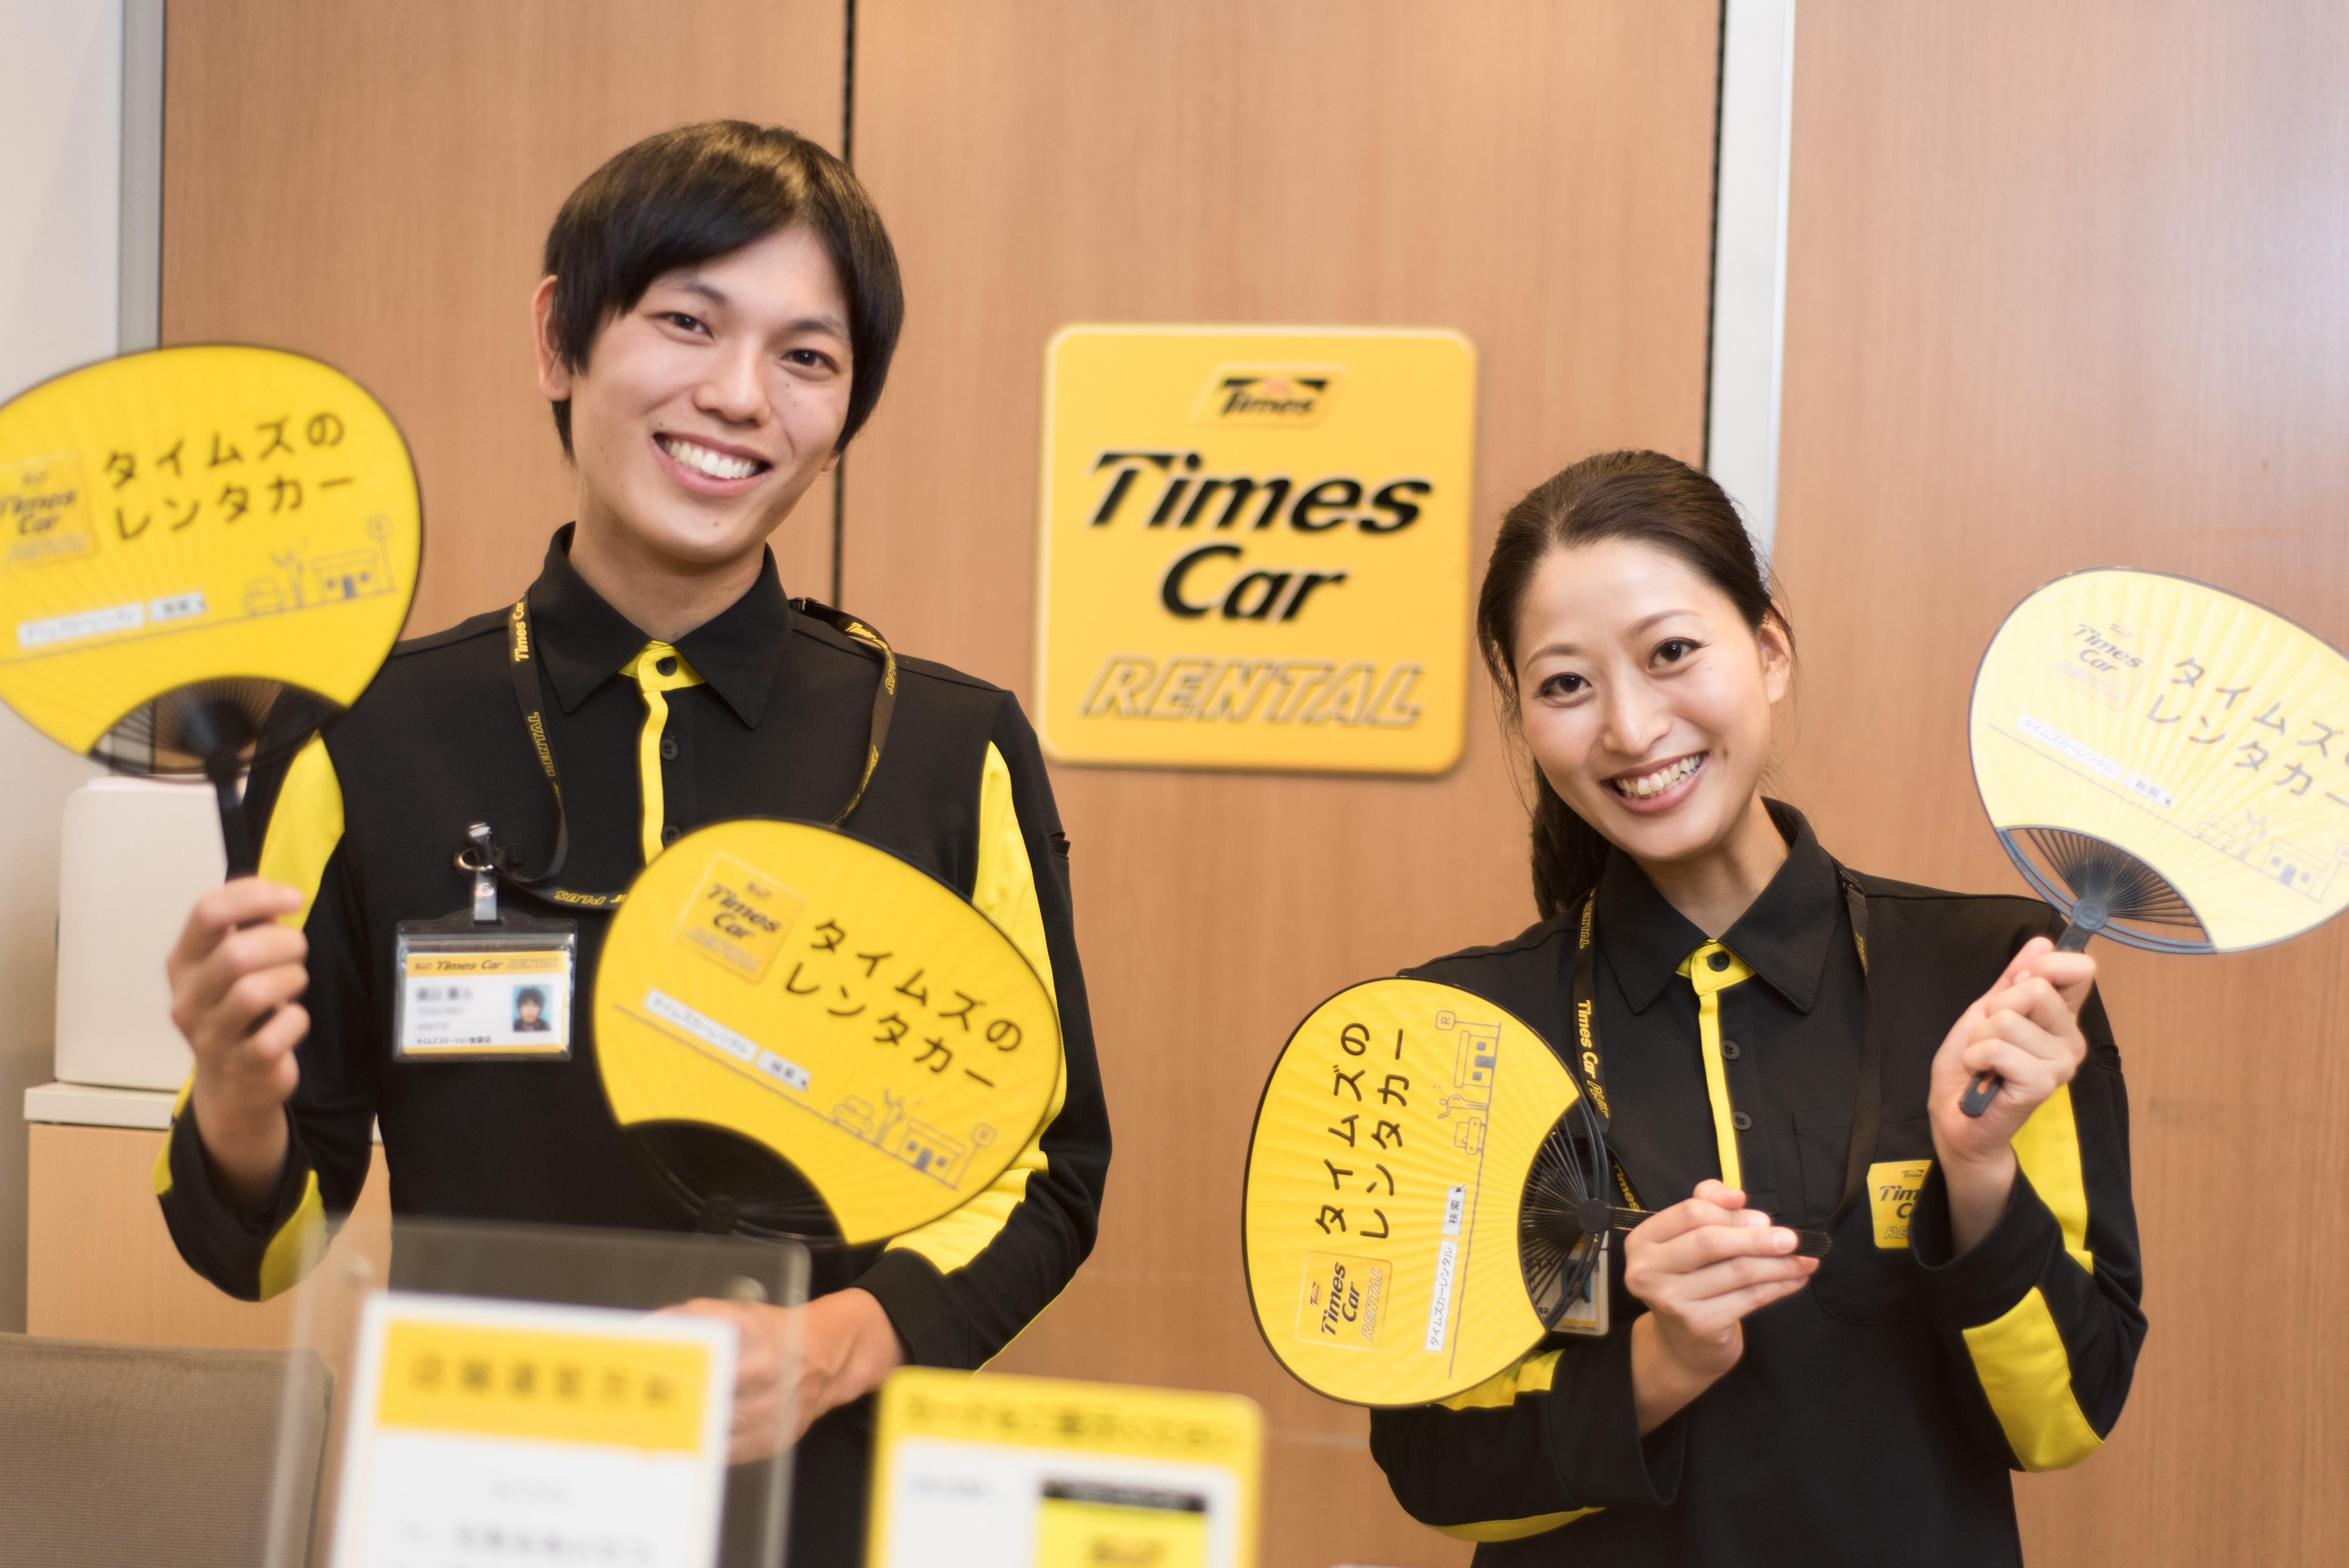 タイムズカーレンタル 仙台扇町店 のアルバイト情報